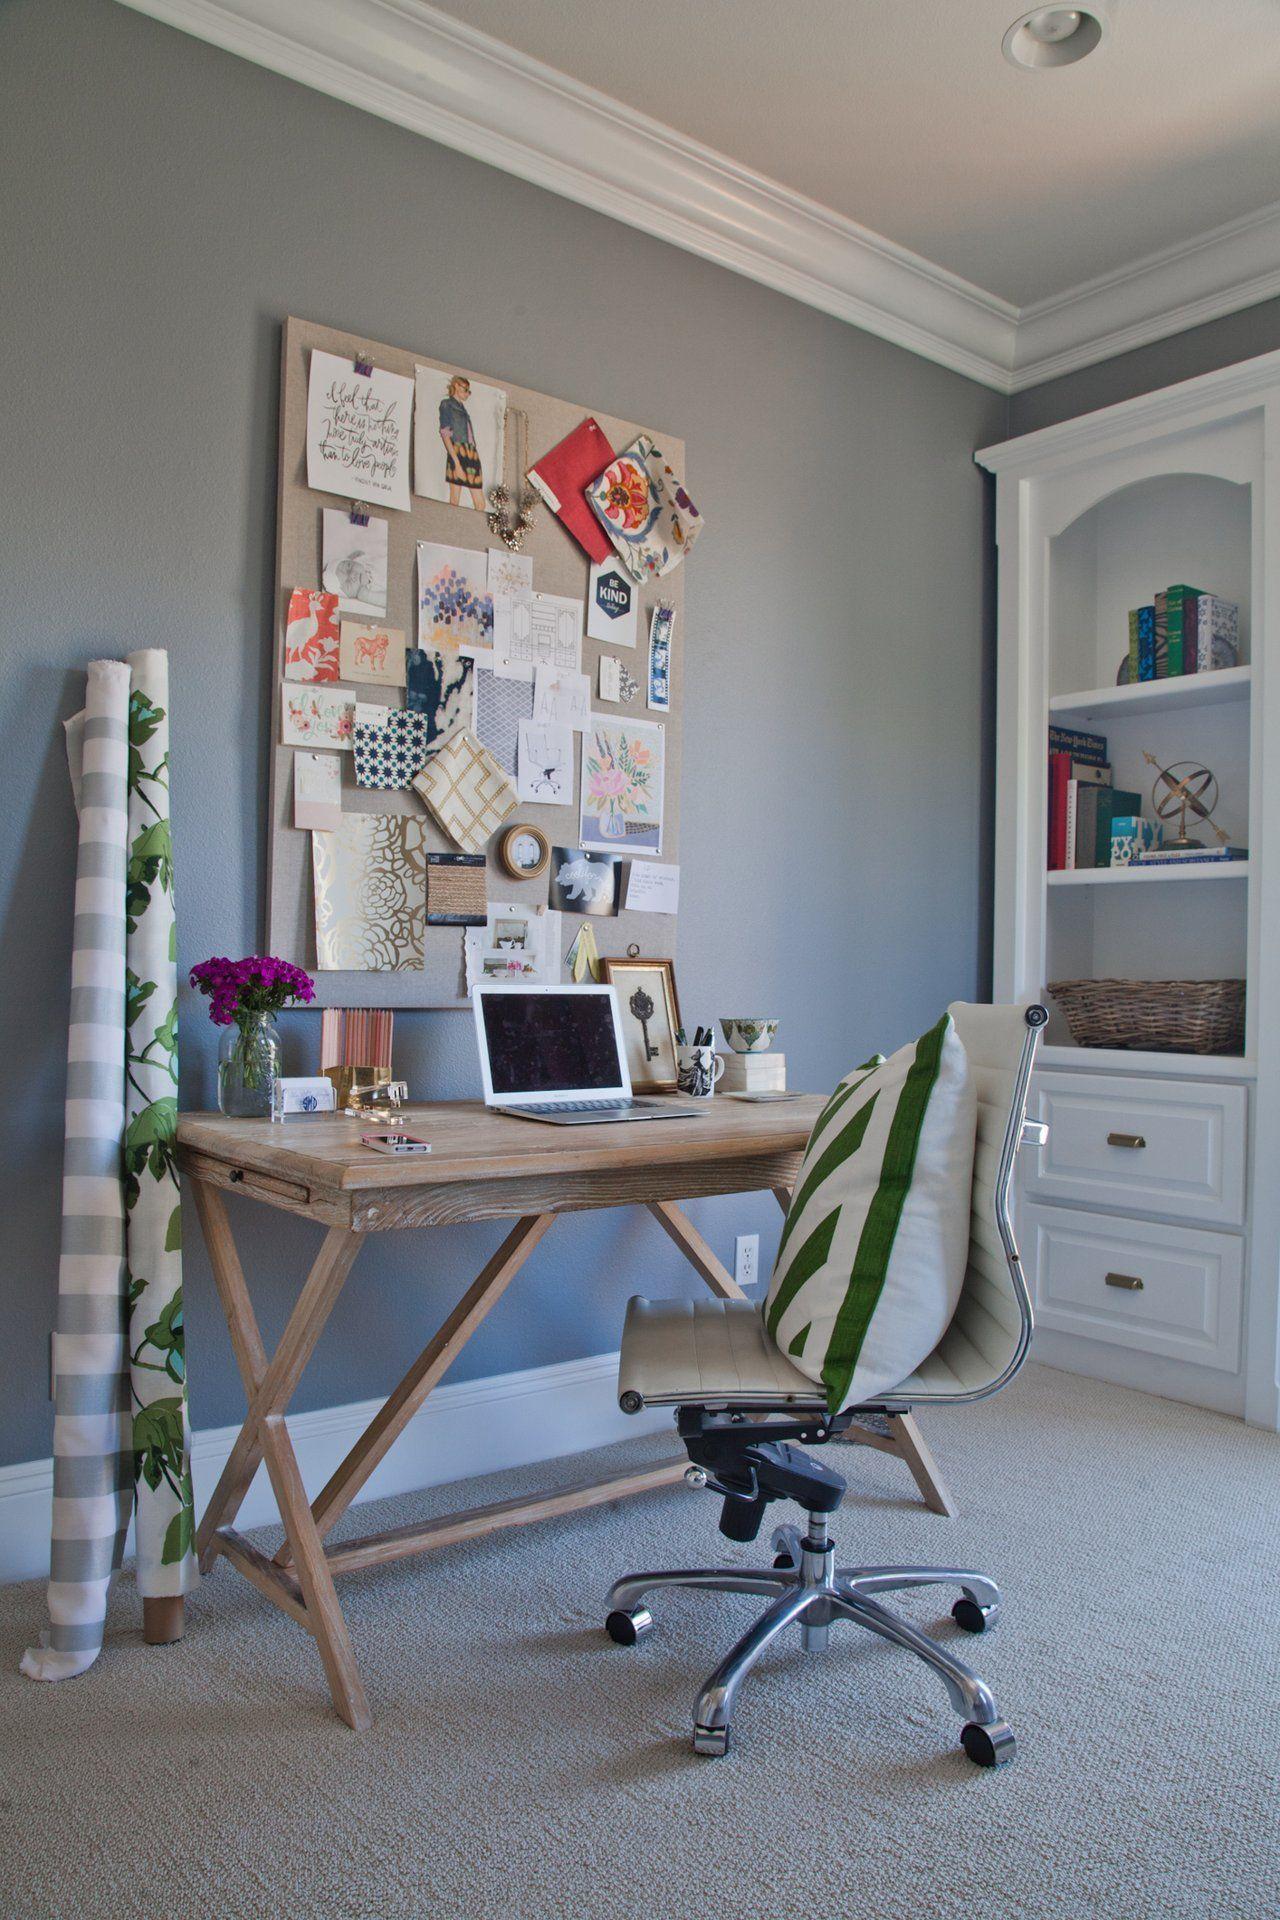 Shea's Stylish Happy Home Office